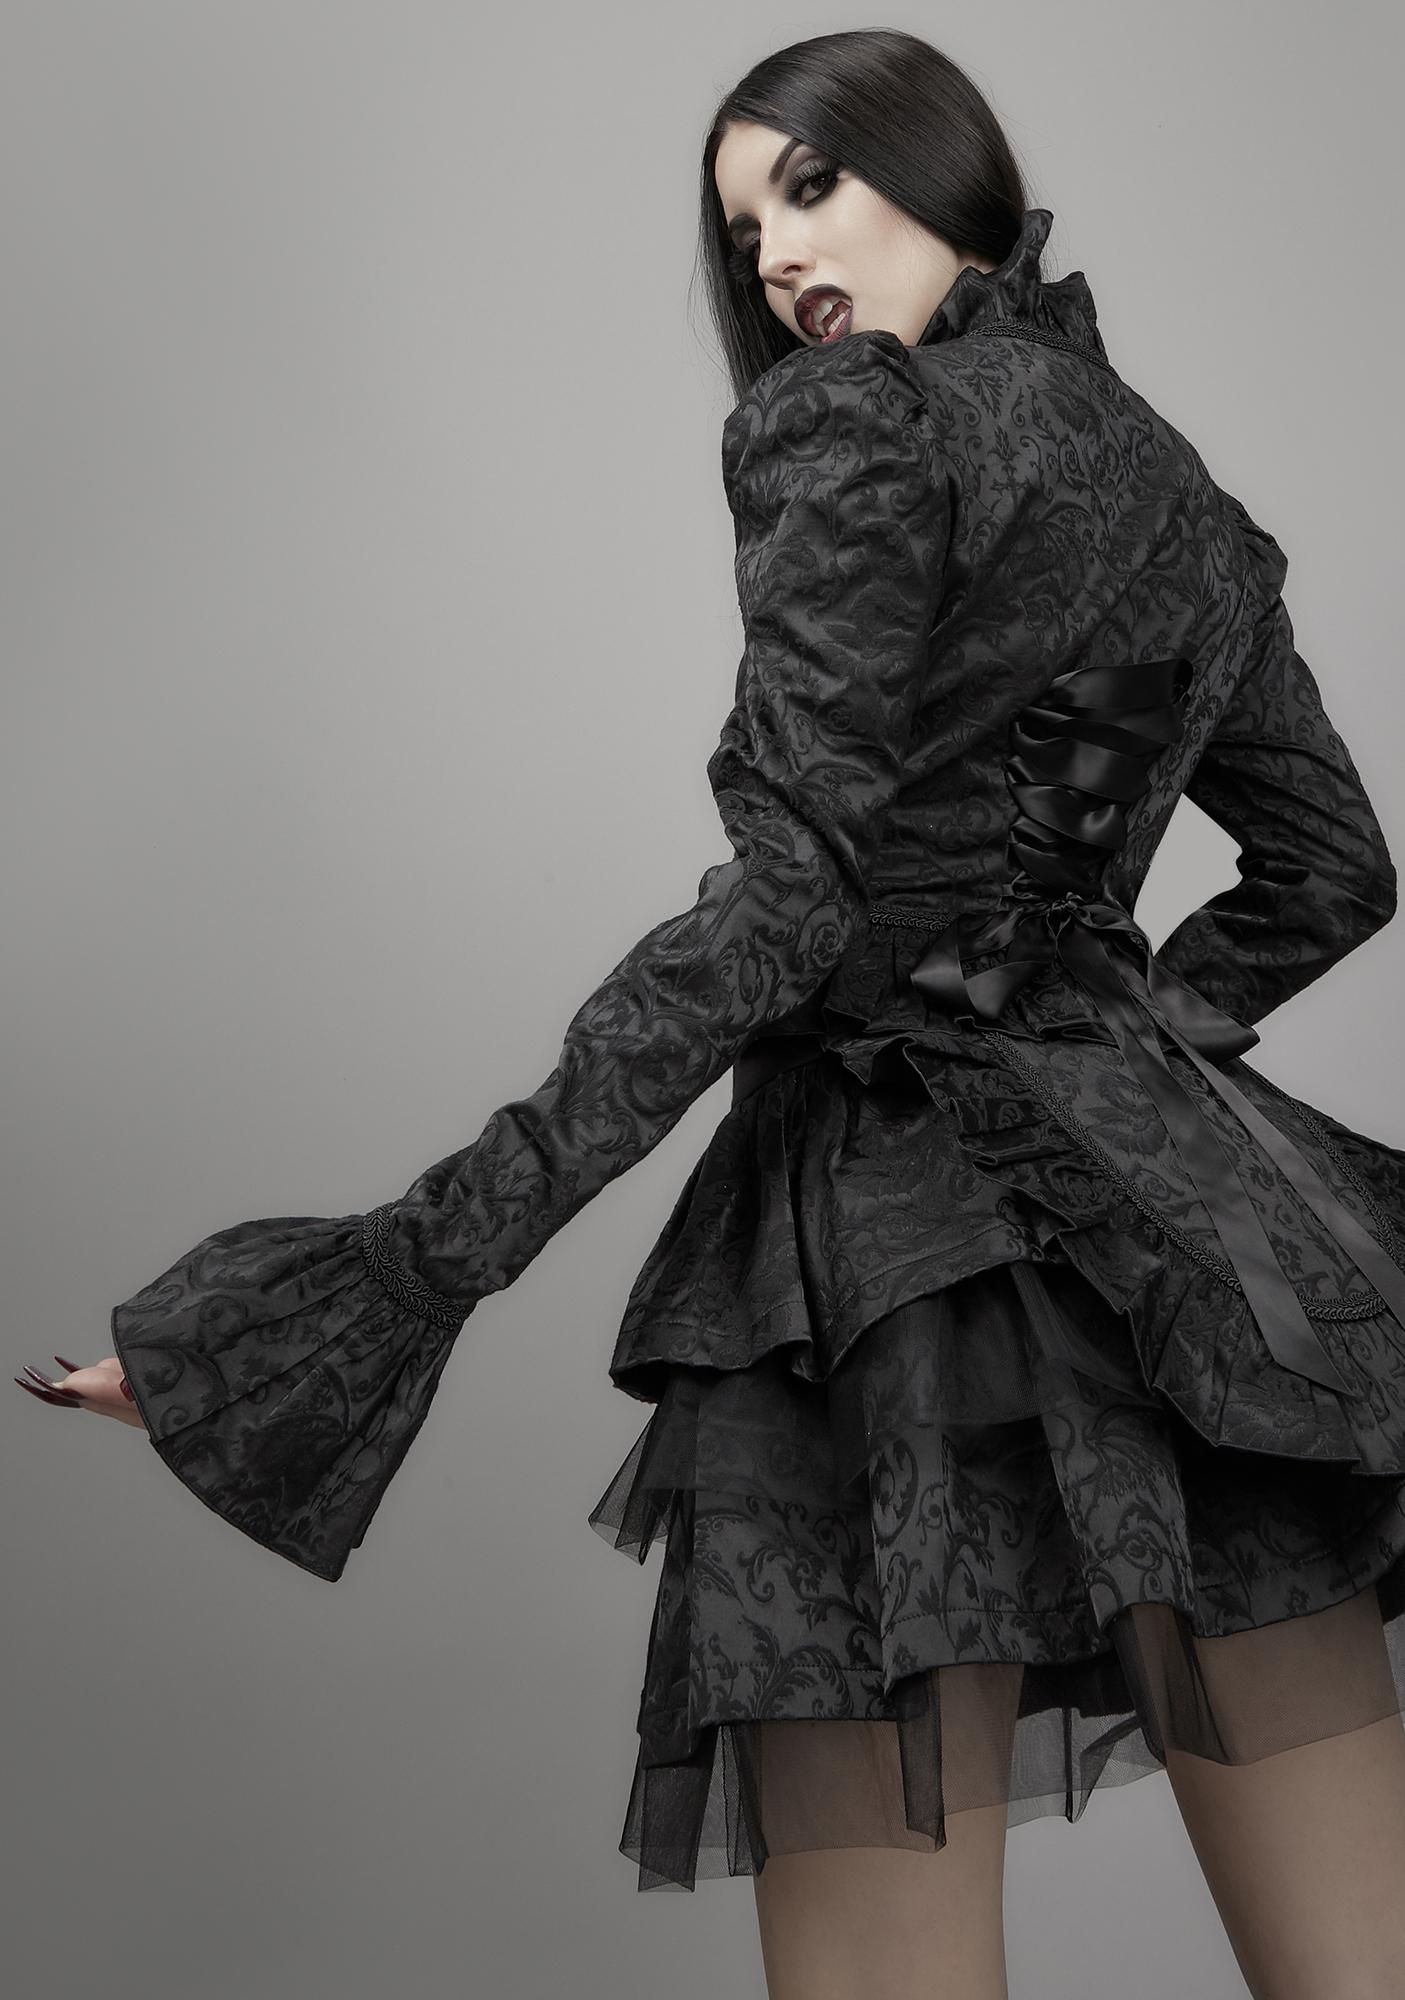 Widow Dark Bidding Lace Up Skirt